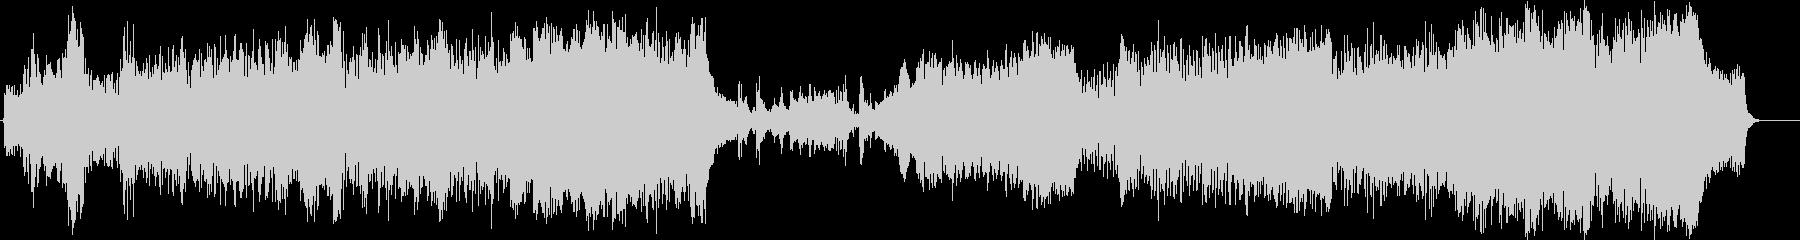 サイレント音楽風オーケストラ・サウンドの未再生の波形